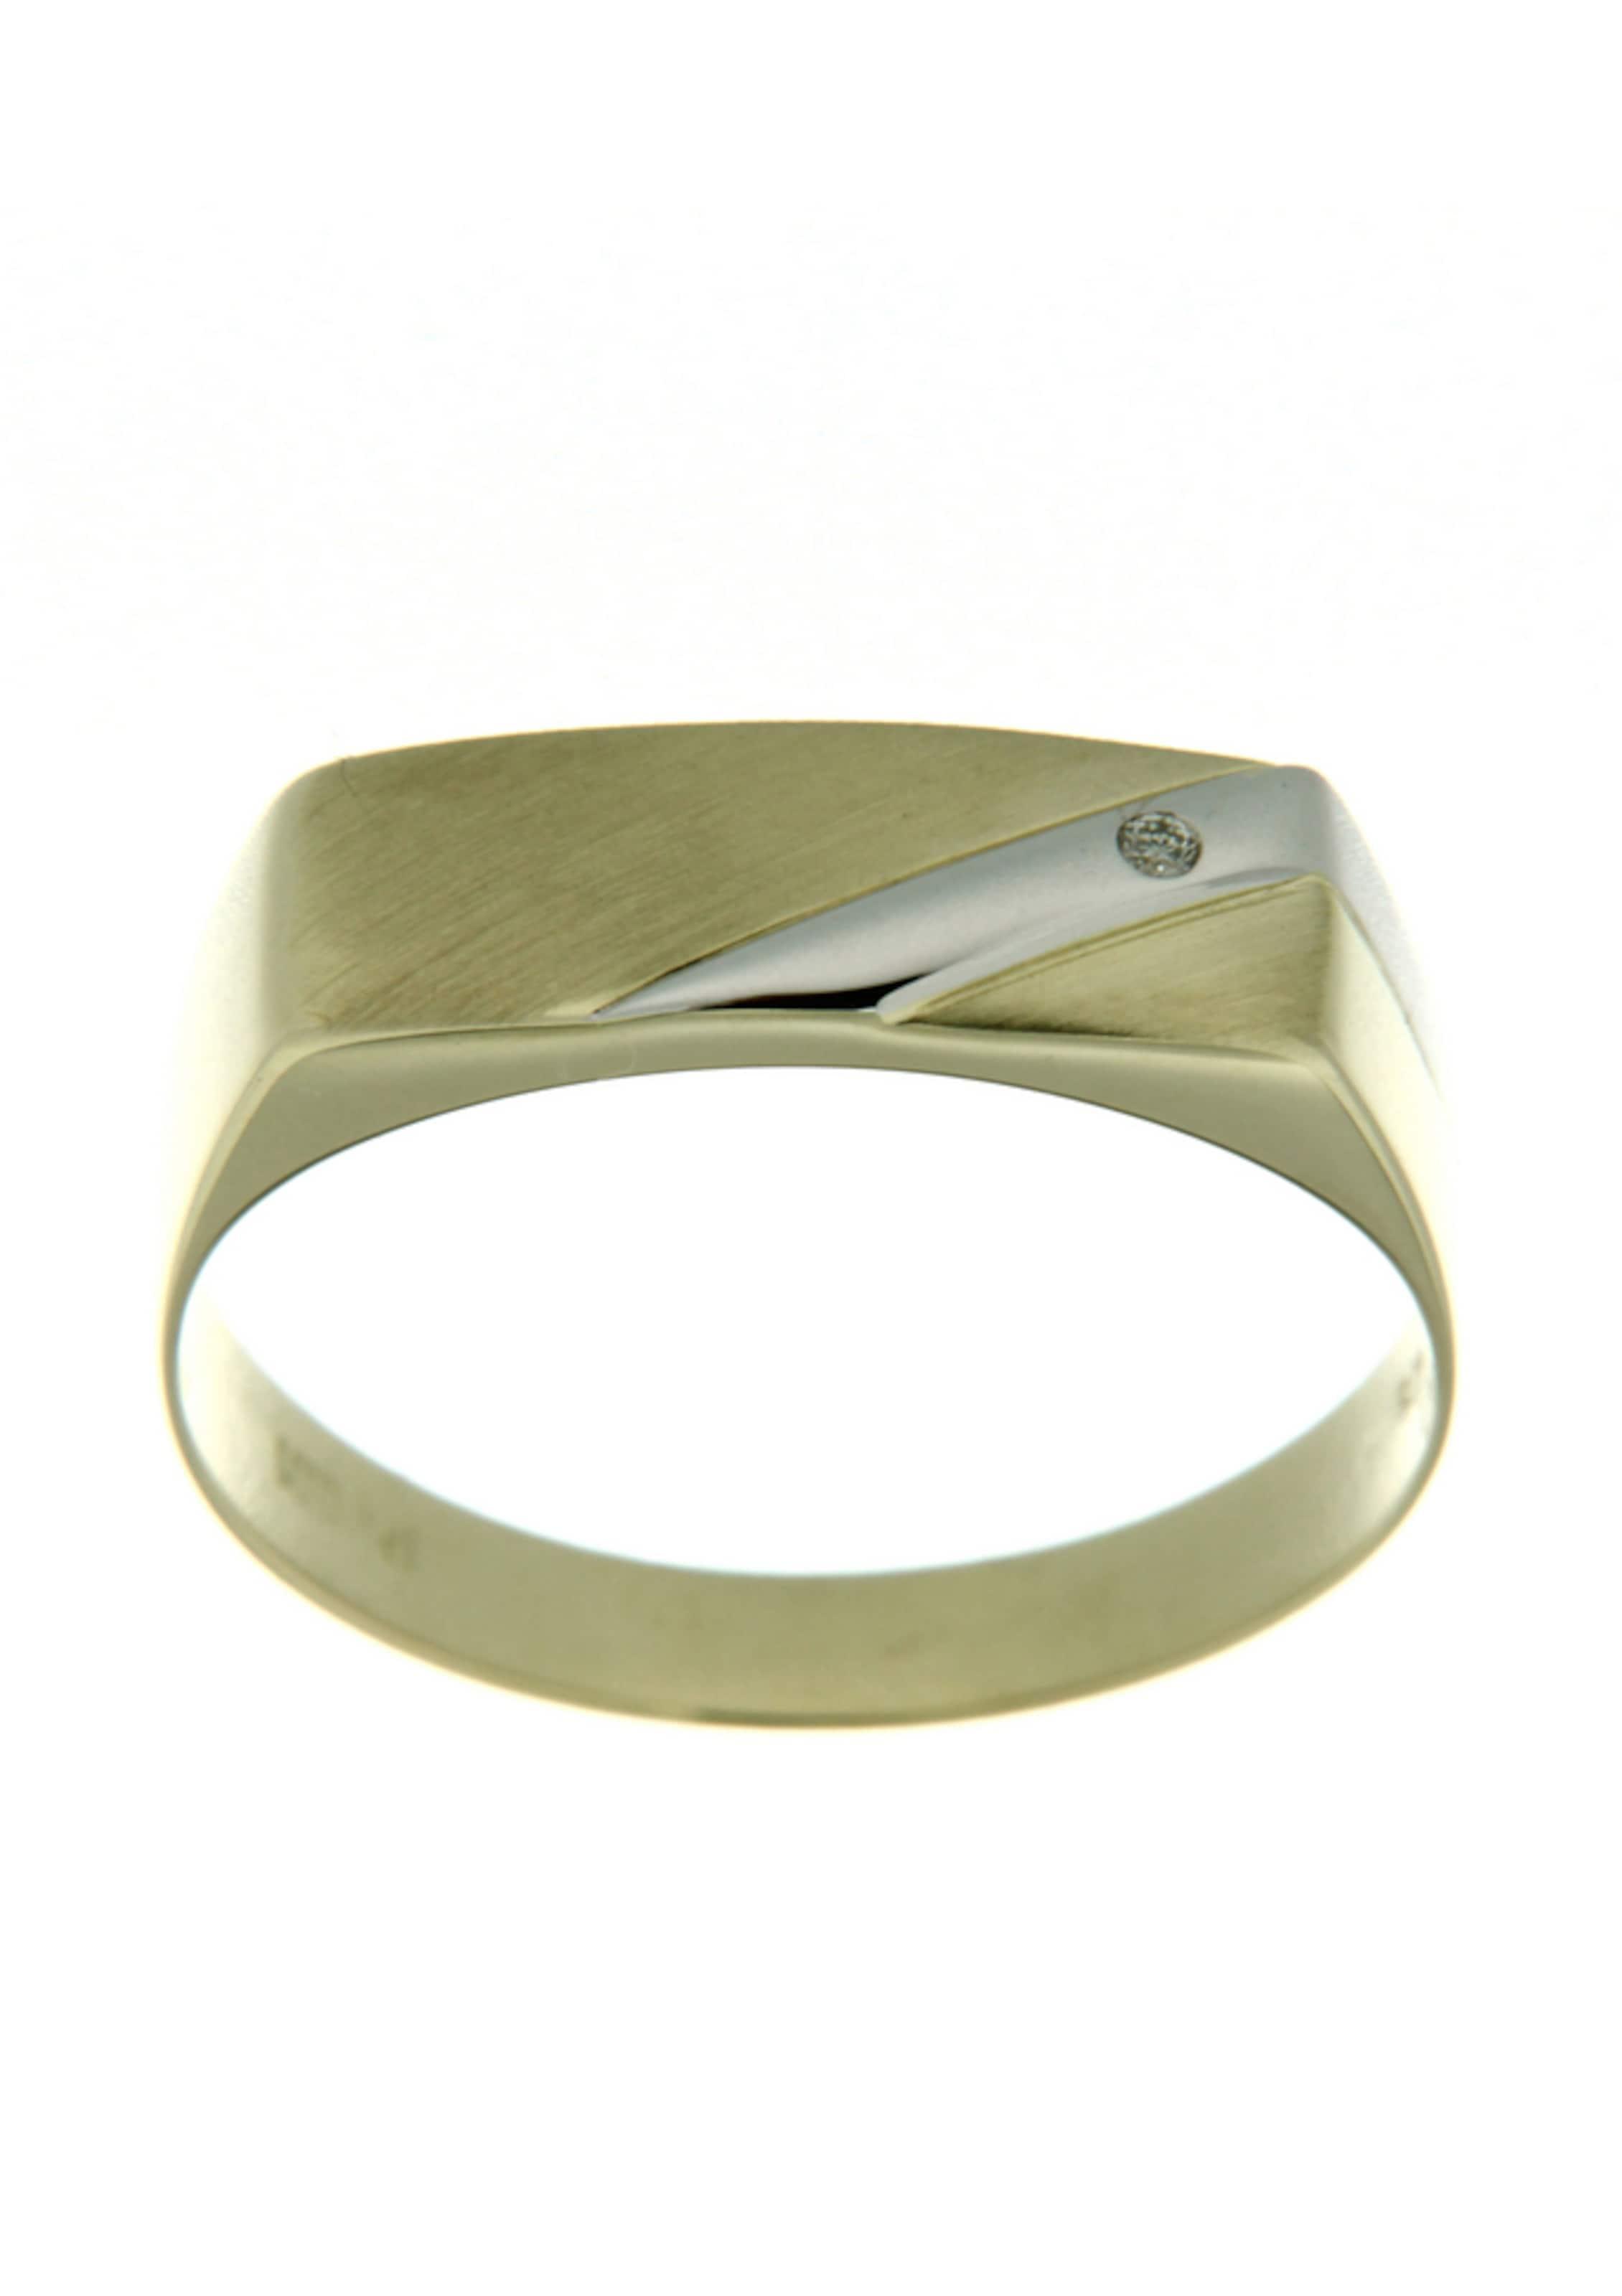 FIRETTI Siegelring mit Diamant Billig Verkauf Niedriger Preis Günstig Kaufen Für Billig Erhalten Verkauf Online Kaufen LlndE